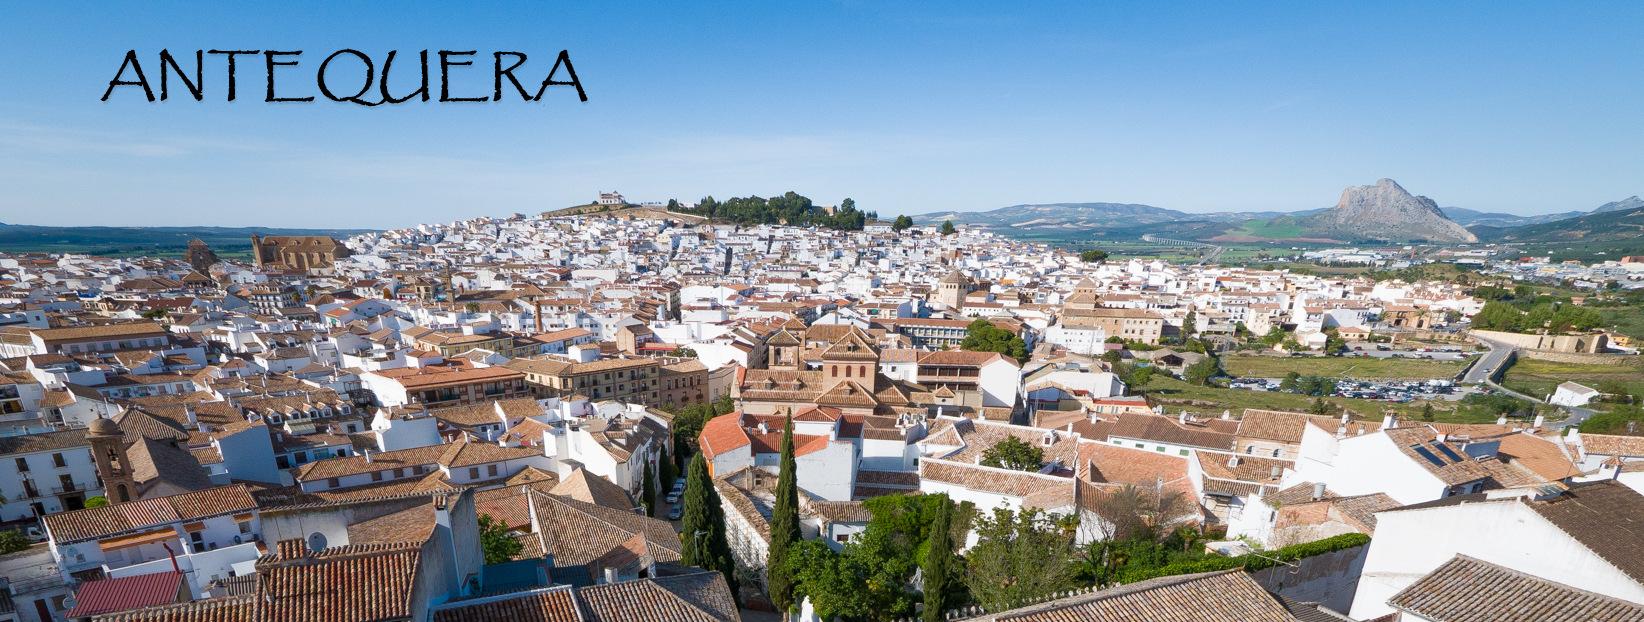 ville Antequera